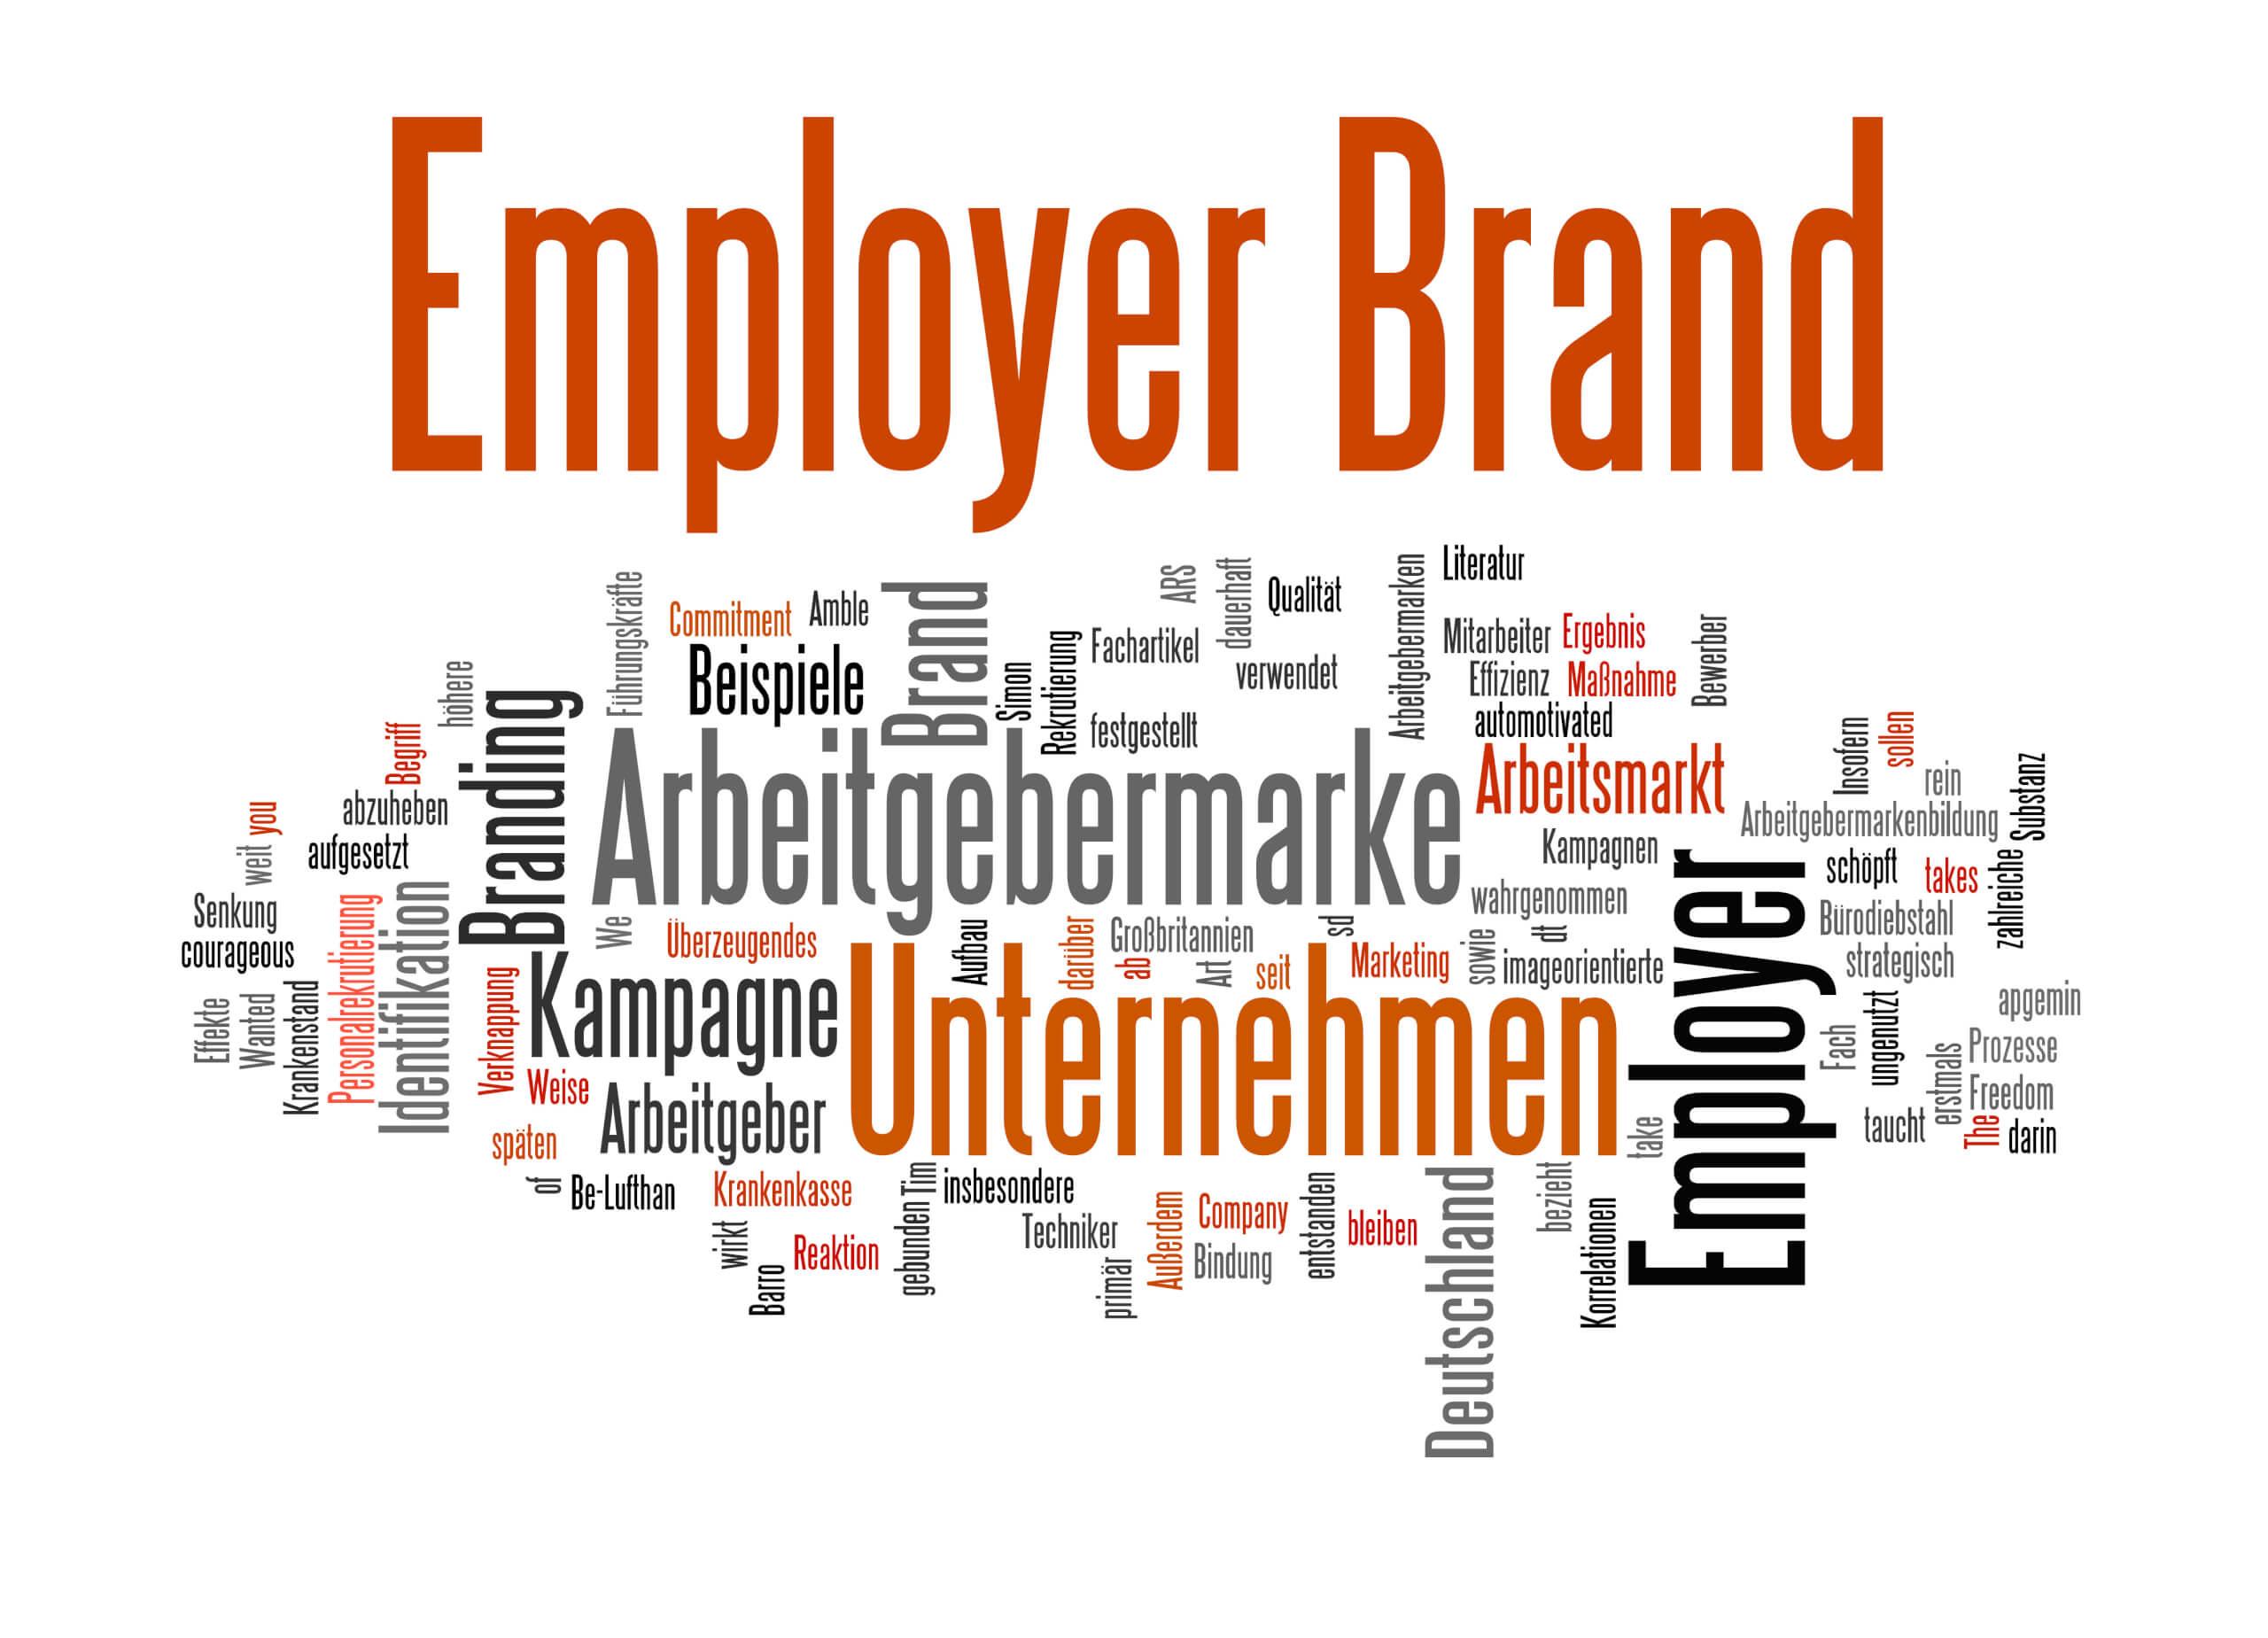 Personalmangel - Welche Grundausstattung benötigen Unternehmen, um Menschen zu erreichen?